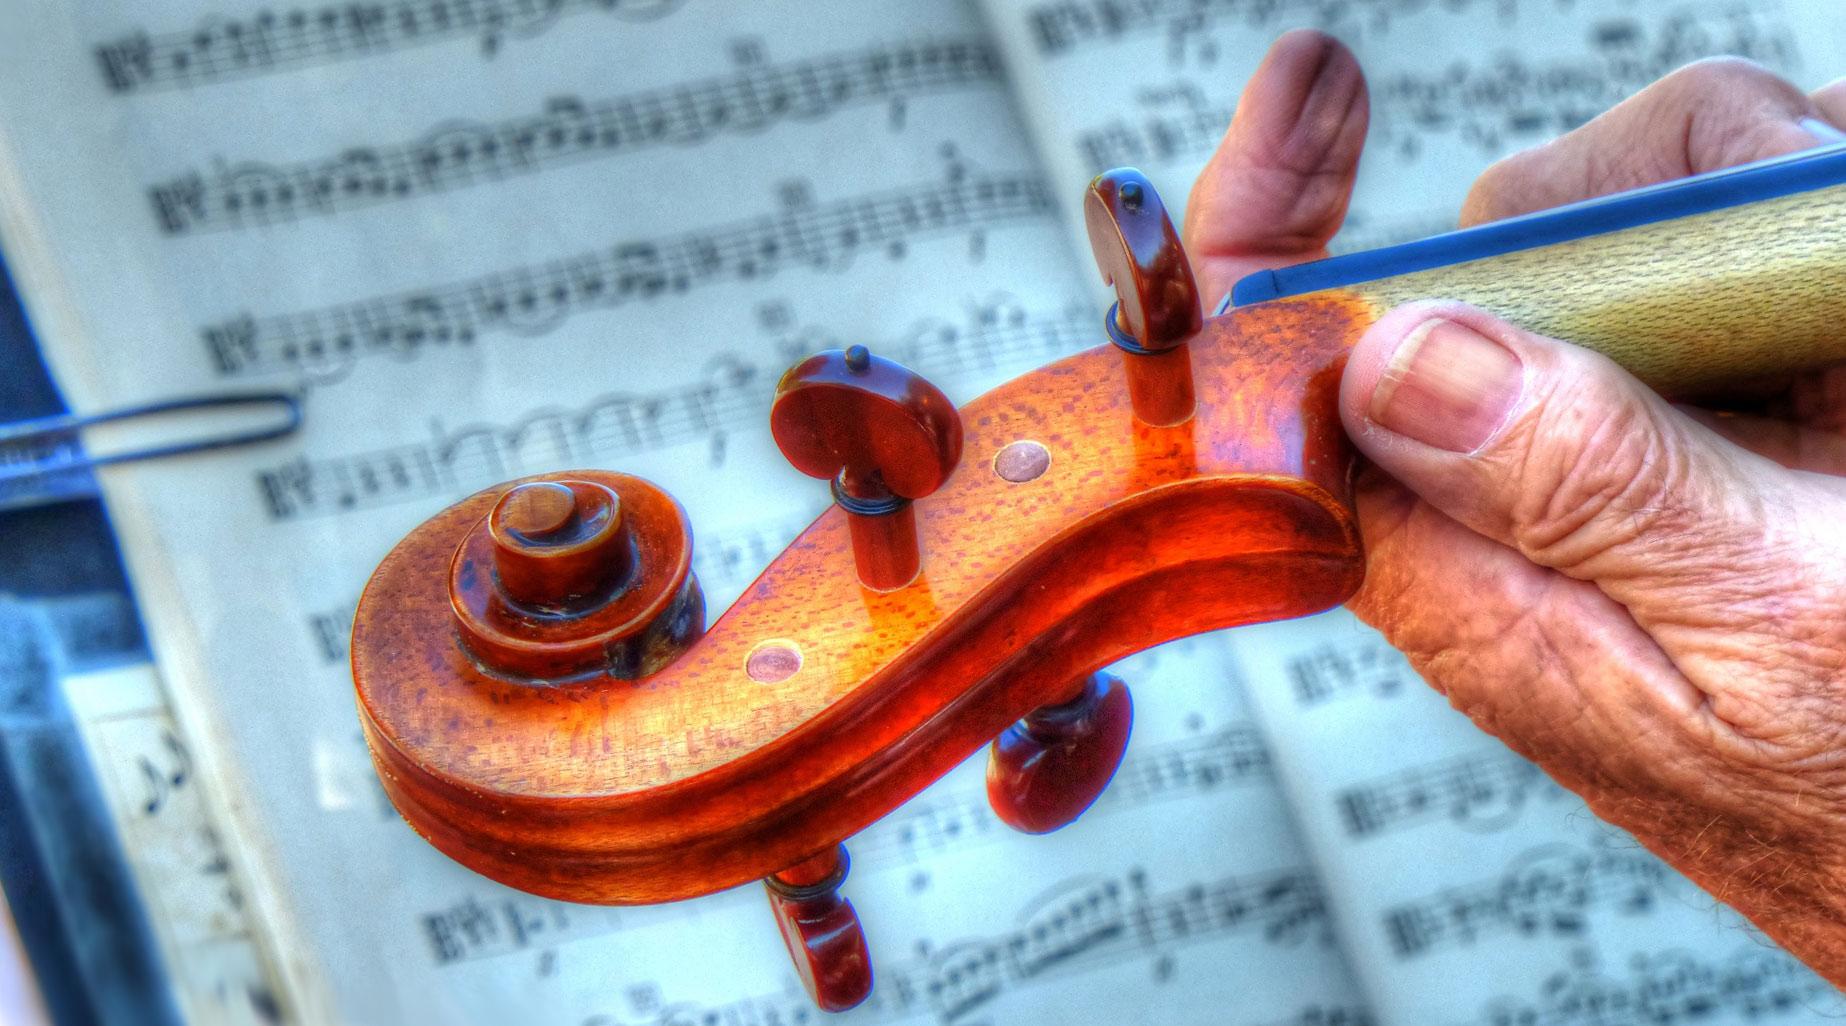 En rynkig hand håller i en fiol.